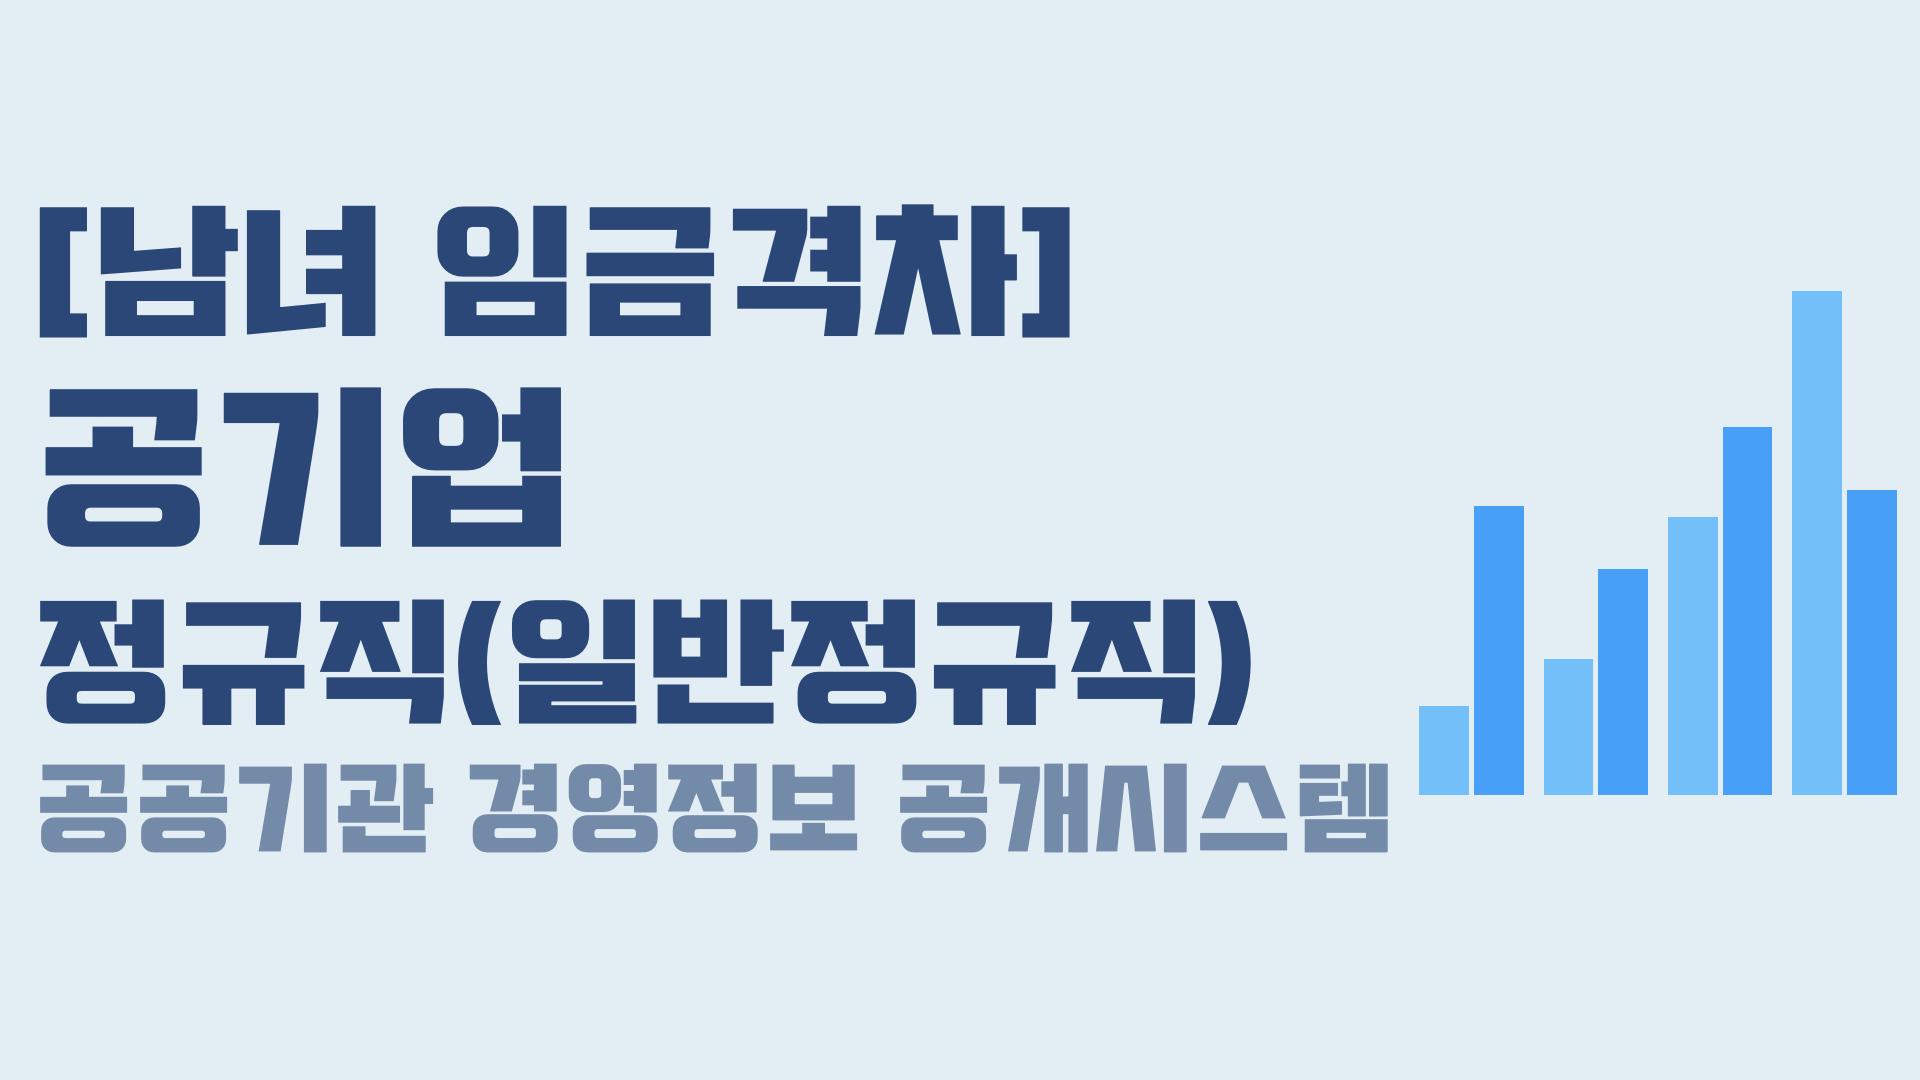 [공공기관 남녀 임금격차] 공기업 - 정규직(일반정규직)